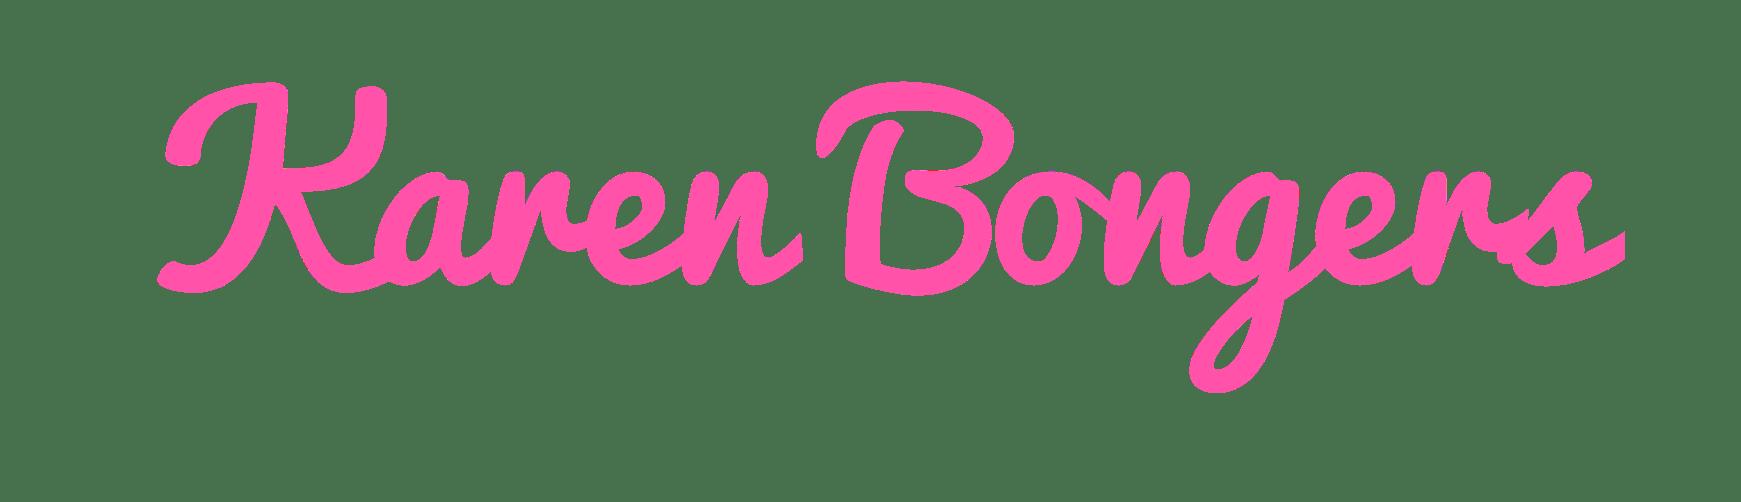 Karen Bongers